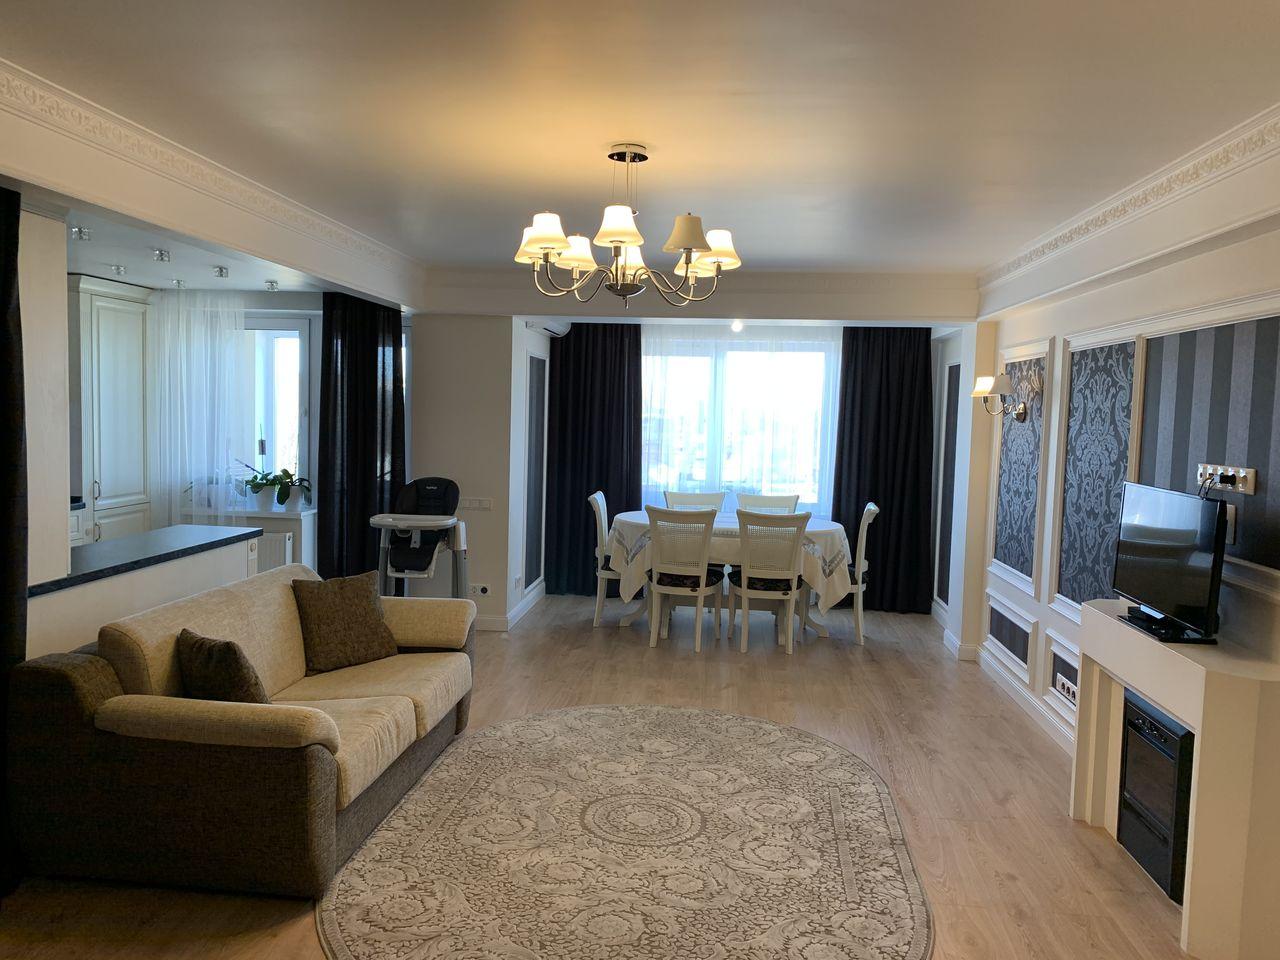 Apartament cu 3 camere, 90 mp, în apropiere de Gradina Botanica